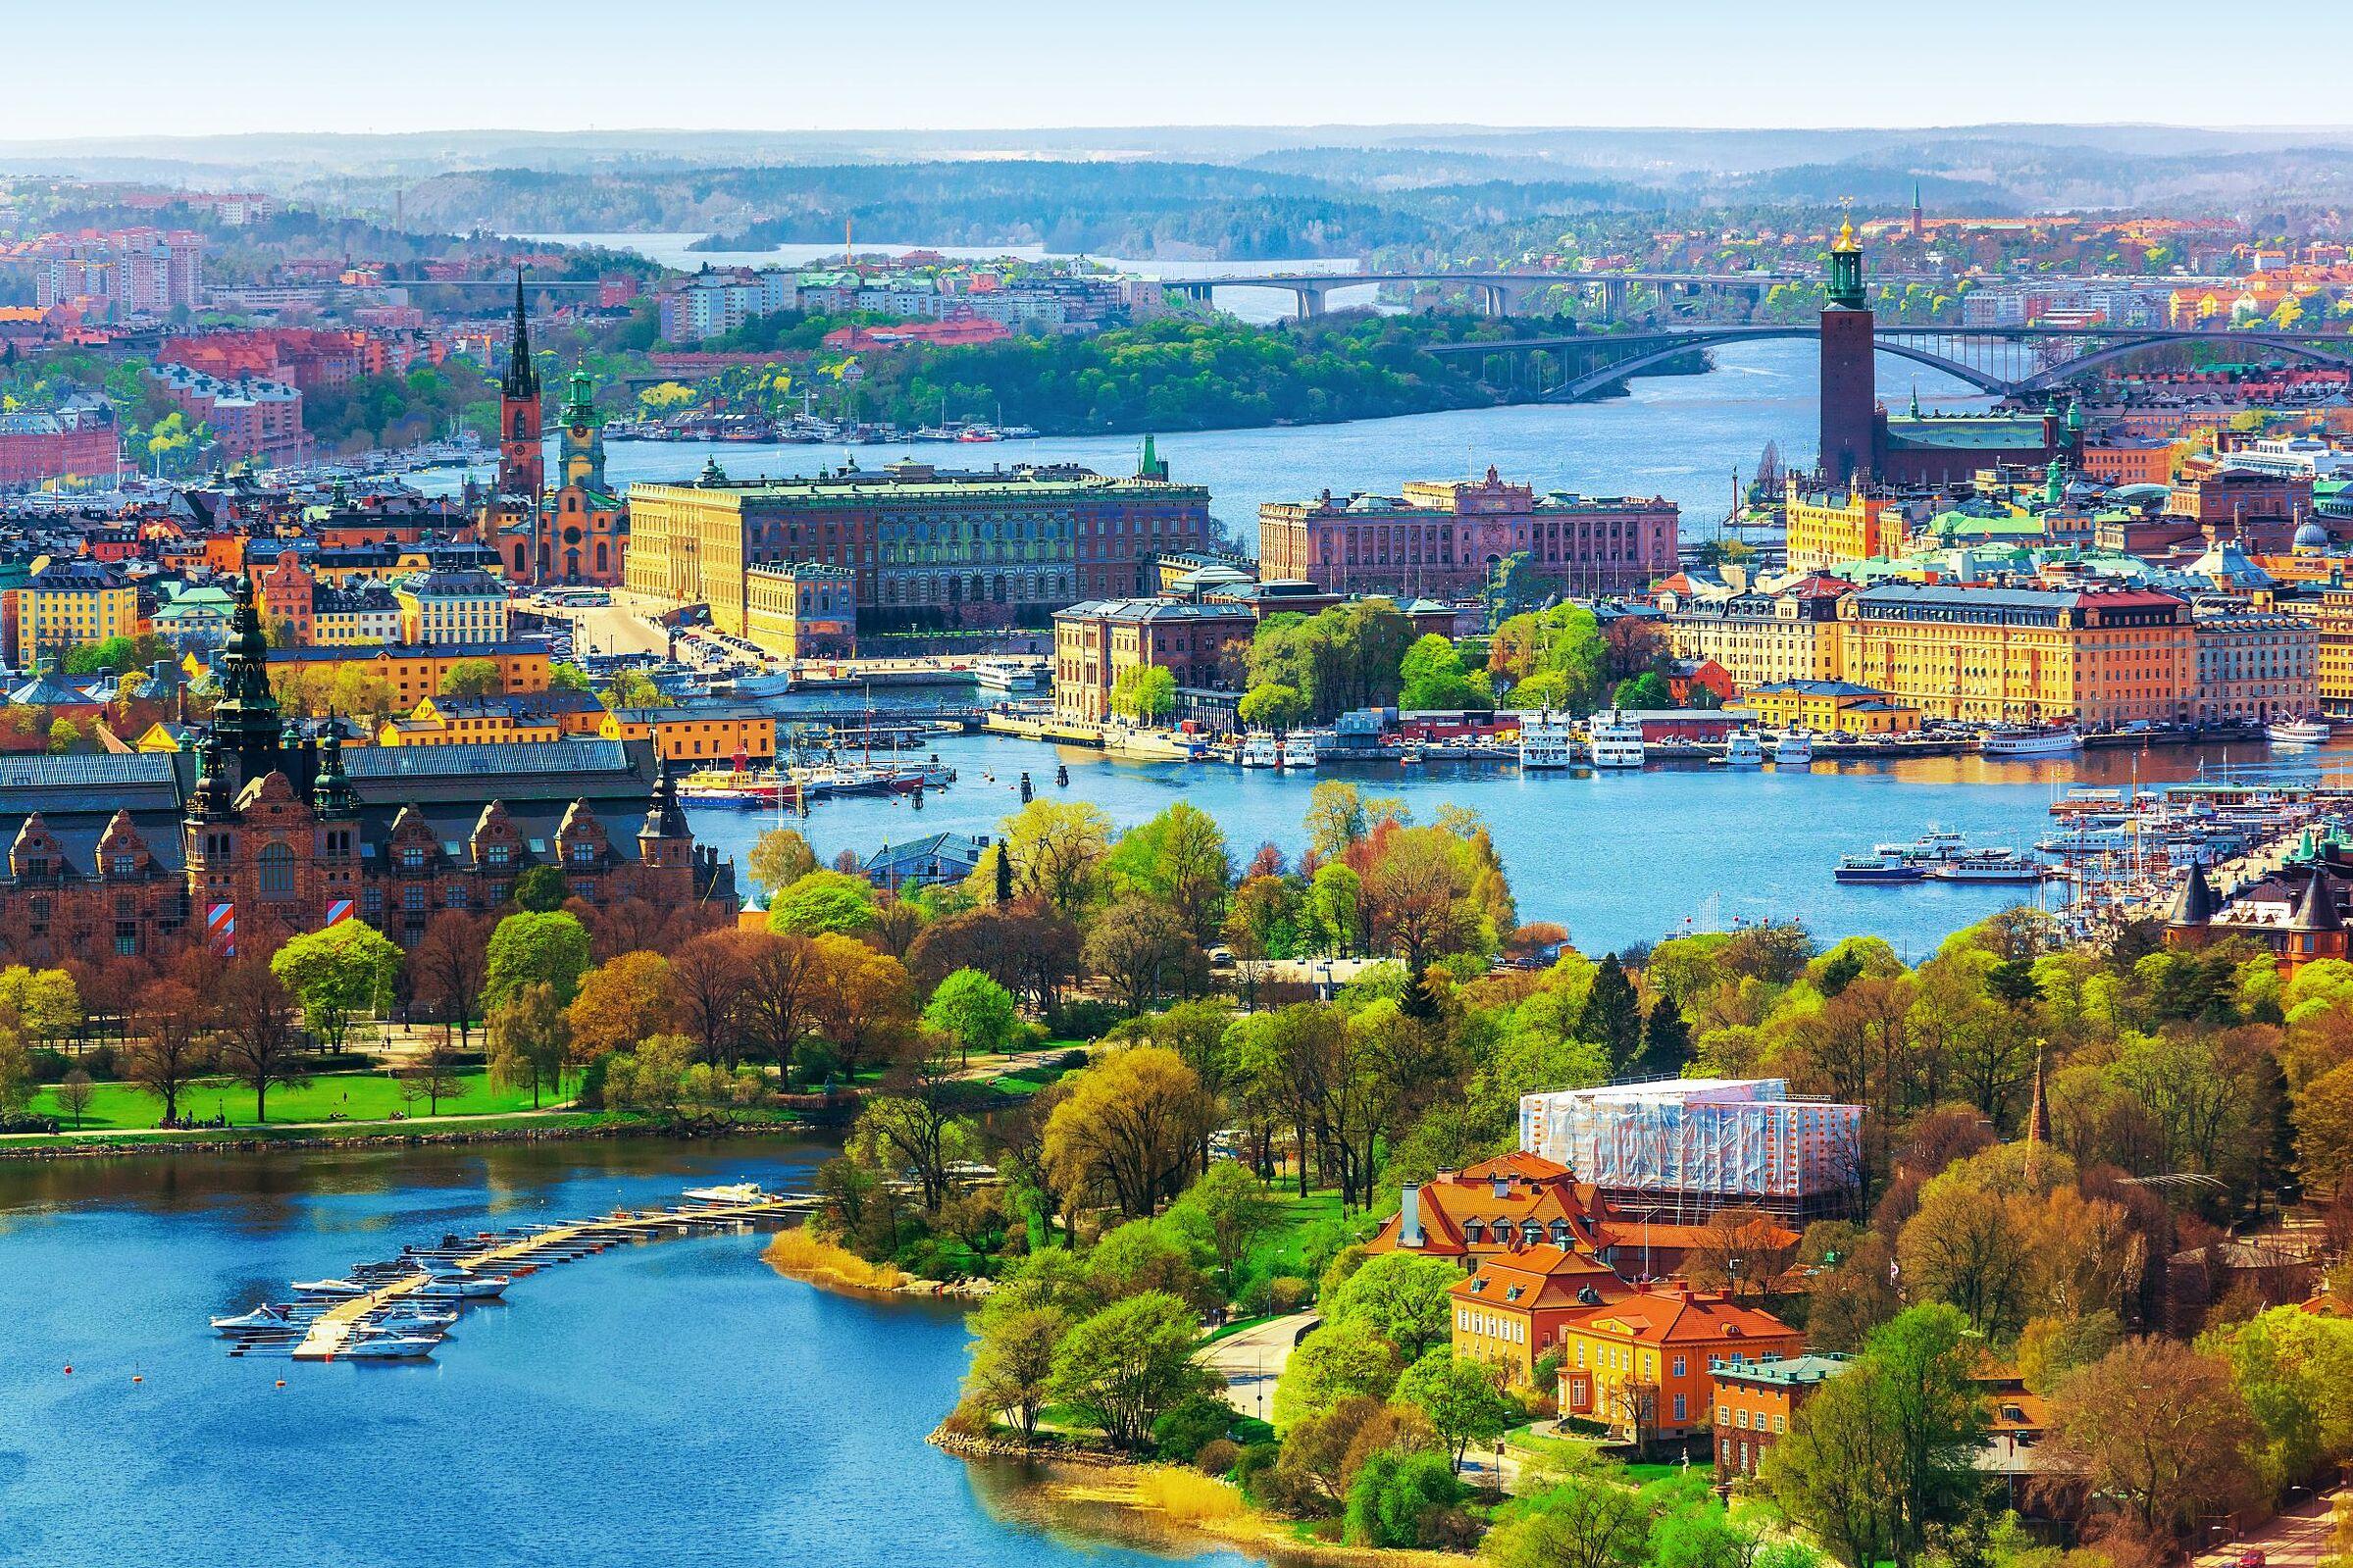 Thủ đô Stockholm của Thụy Điển trở thành một trong những thành phố đáng sống nhất trên thế giới nhờ các giải pháp xanh và công nghệ thông minh thân thiện môi trường. Ảnh: Shutterstock.